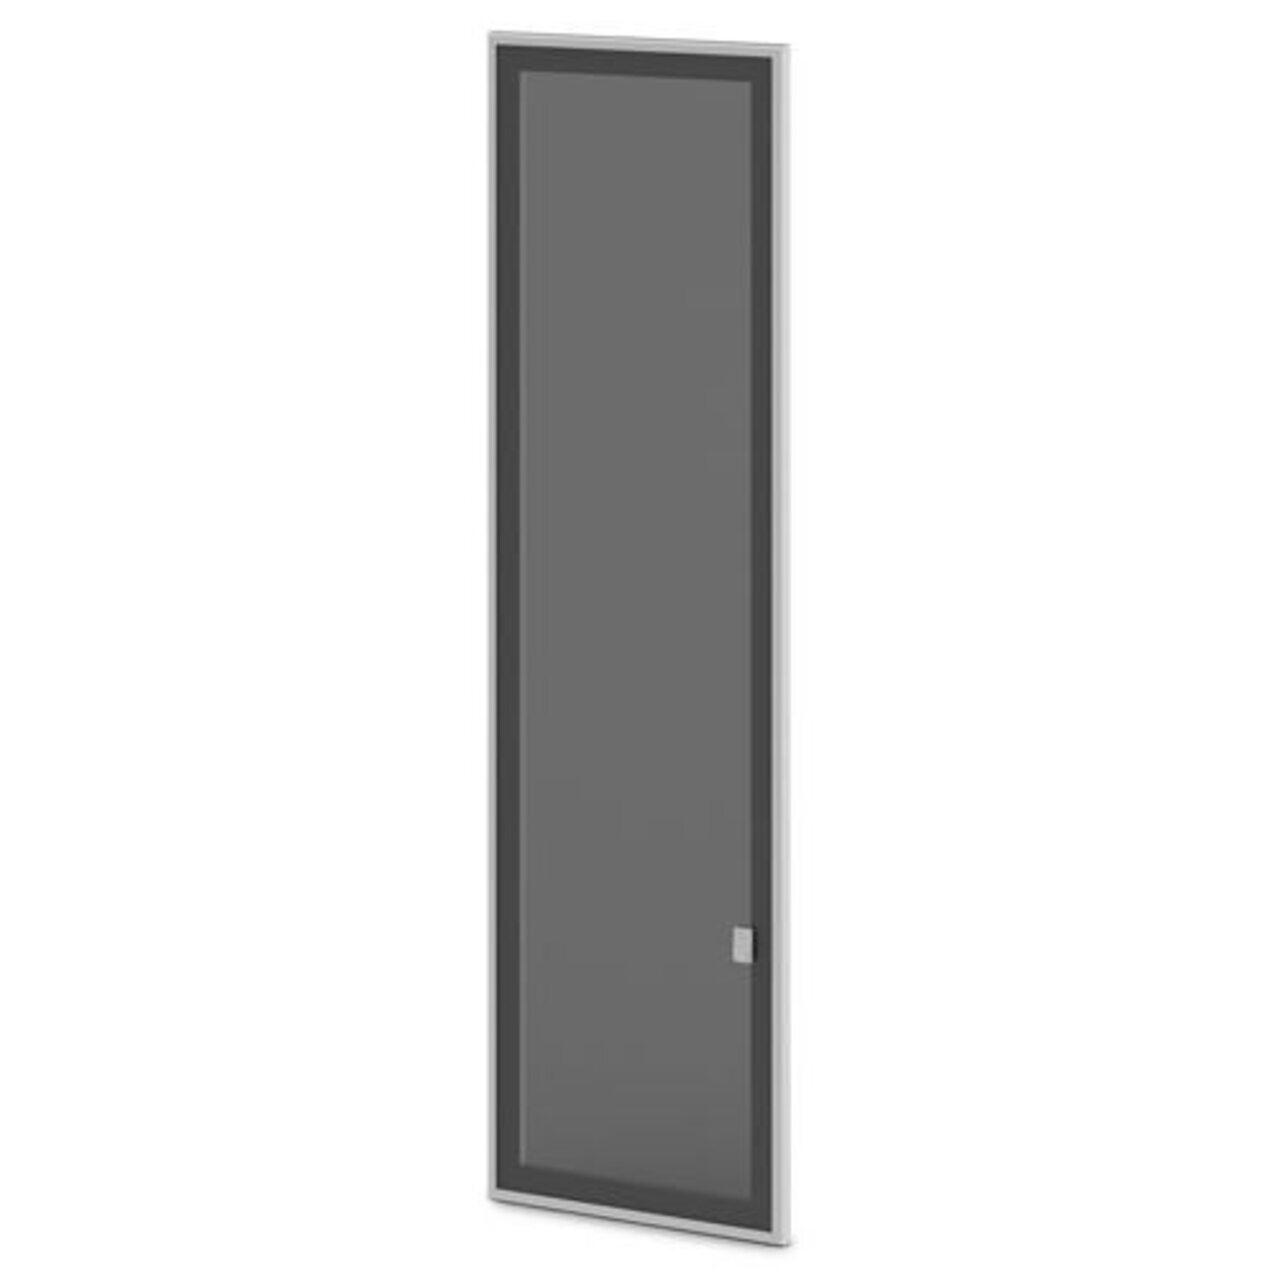 Дверь стеклянная тонированная в алюминиевом профиле (левая) Vasanta 41x2x141 - фото 1